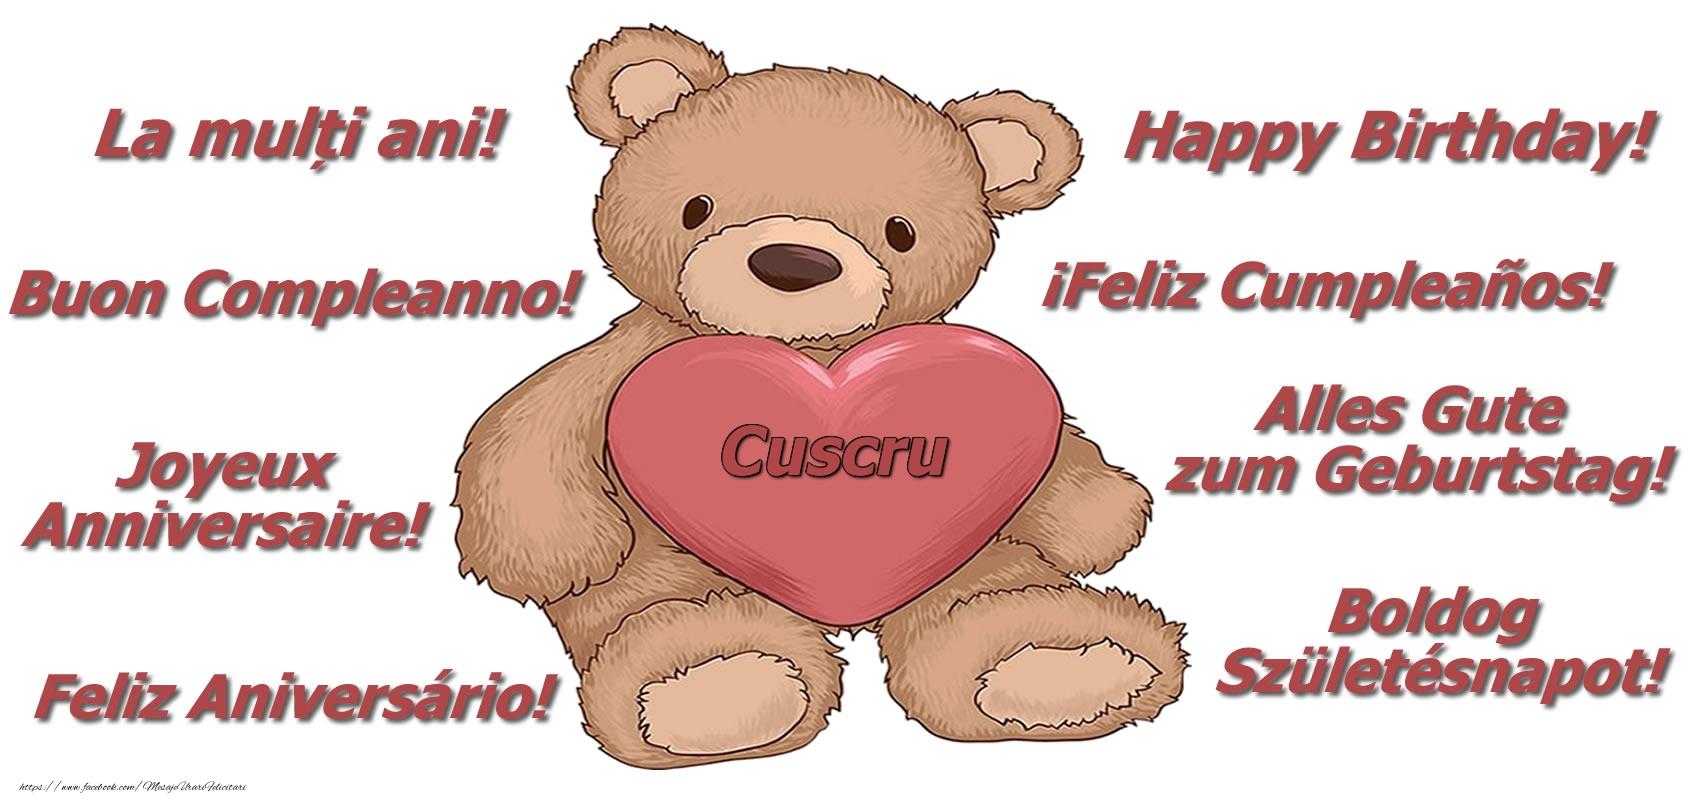 Felicitari frumoase de zi de nastere pentru Cuscru | La multi ani cuscru! - Ursulet